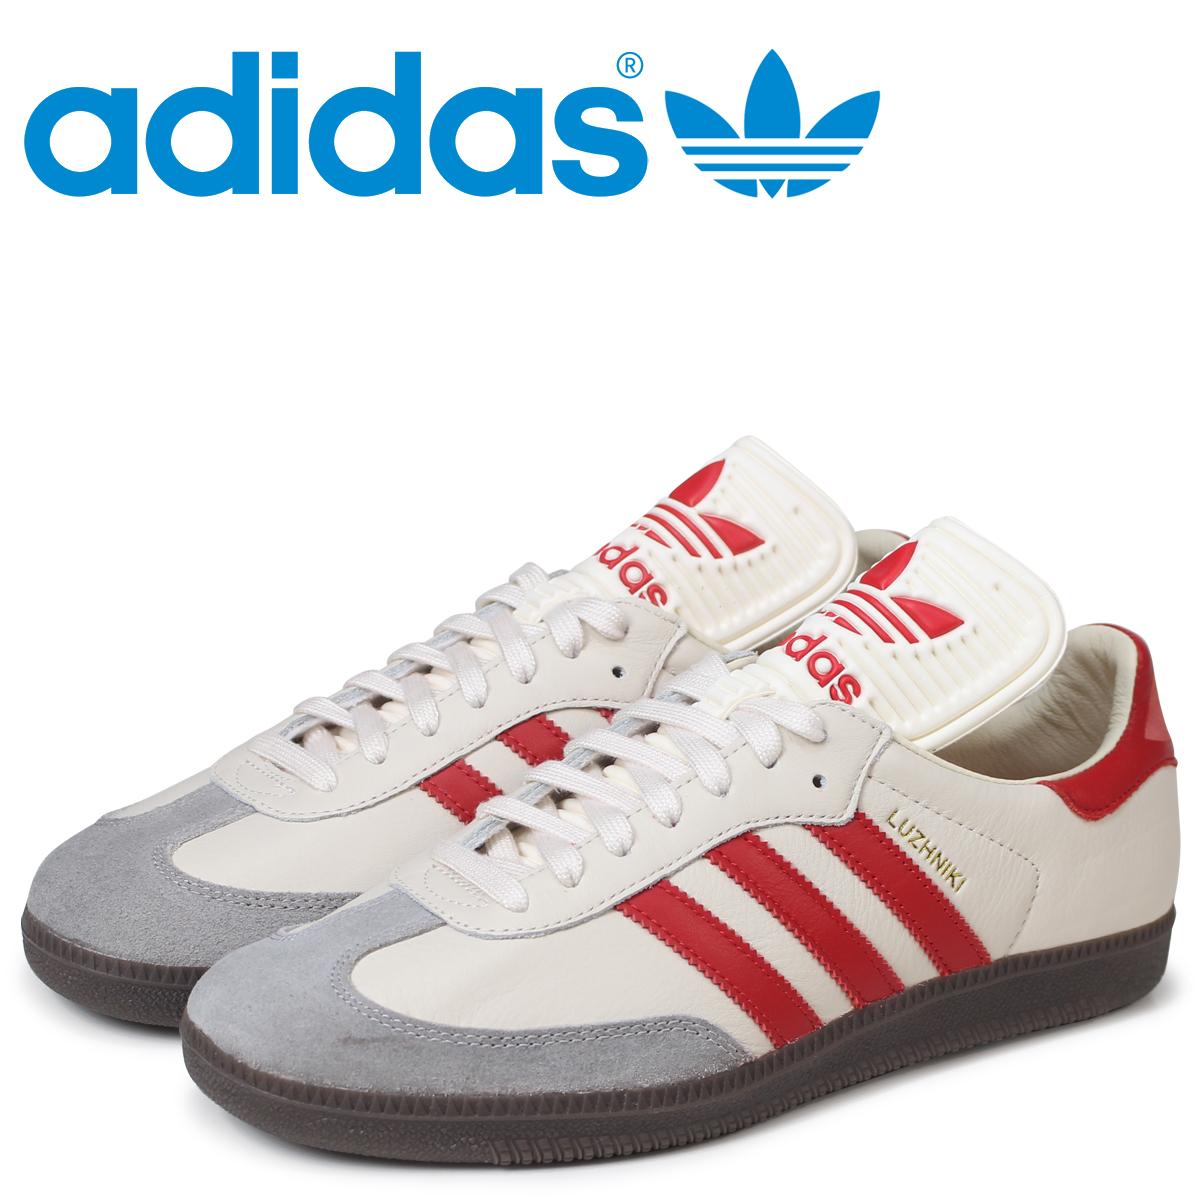 adidas Originals samba Adidas originals sneakers SAMBA CLASSIC OG men  CQ2216 white  5 21 Shinnyu load  b19a173d9